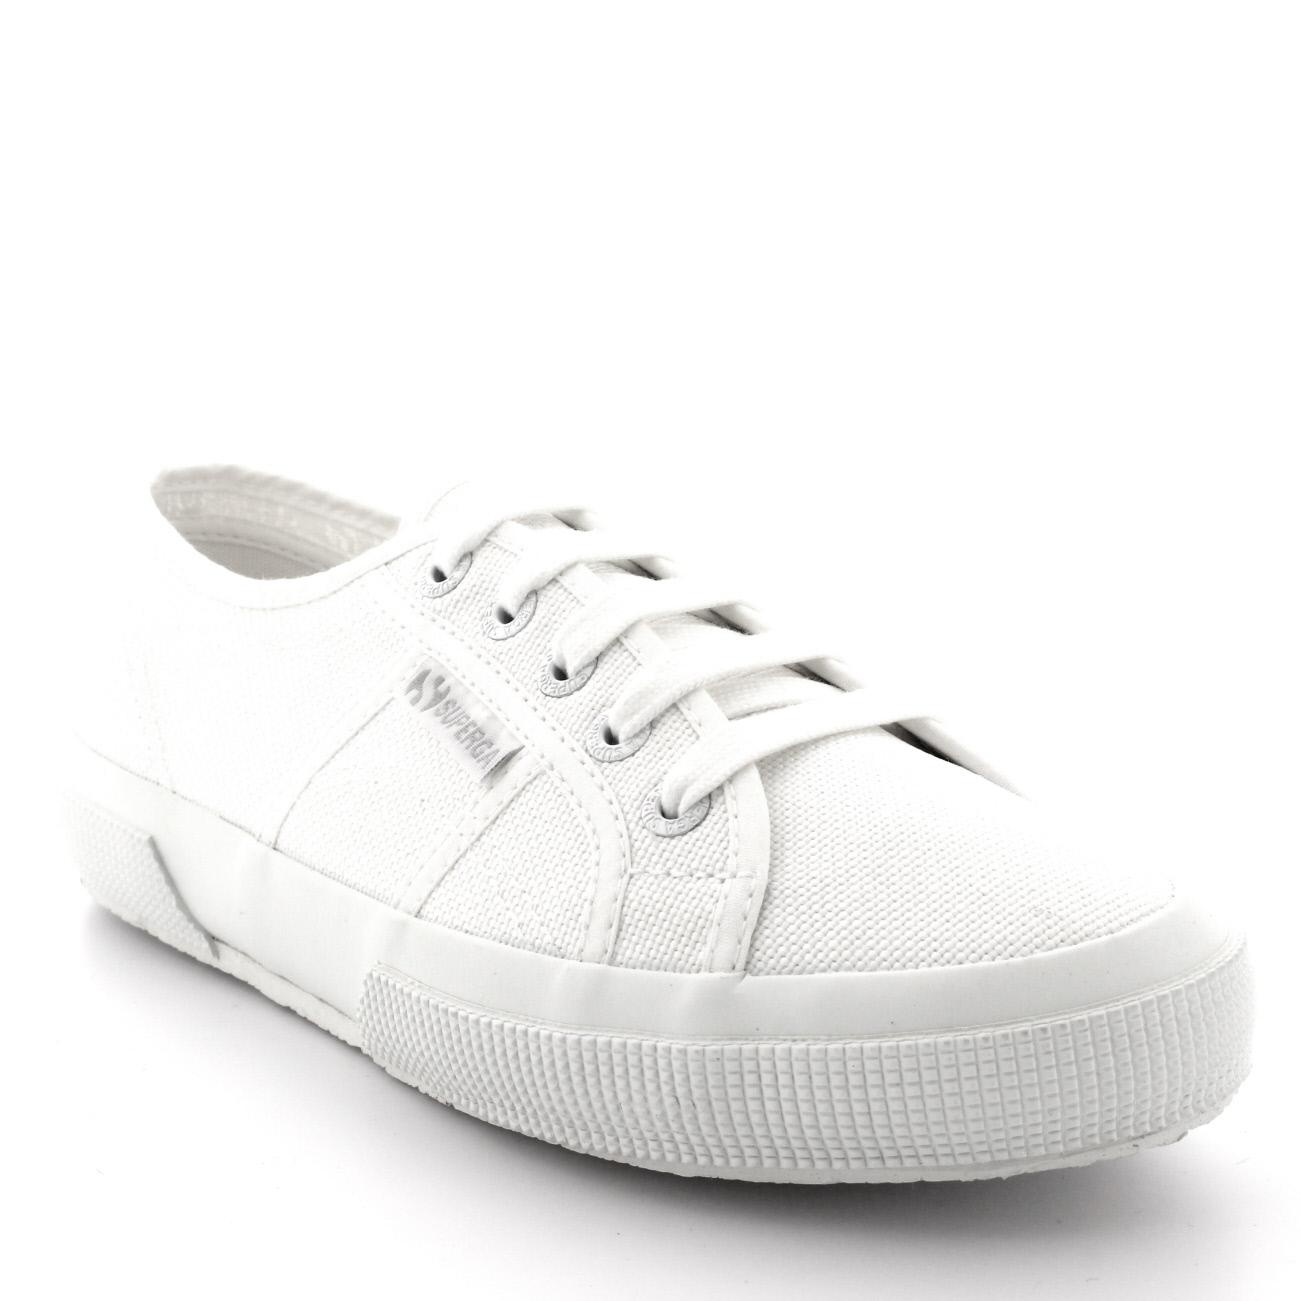 Da Donna Superga 2750 Cotu Classico bianco Sneaker basse tela estive tg UK 38